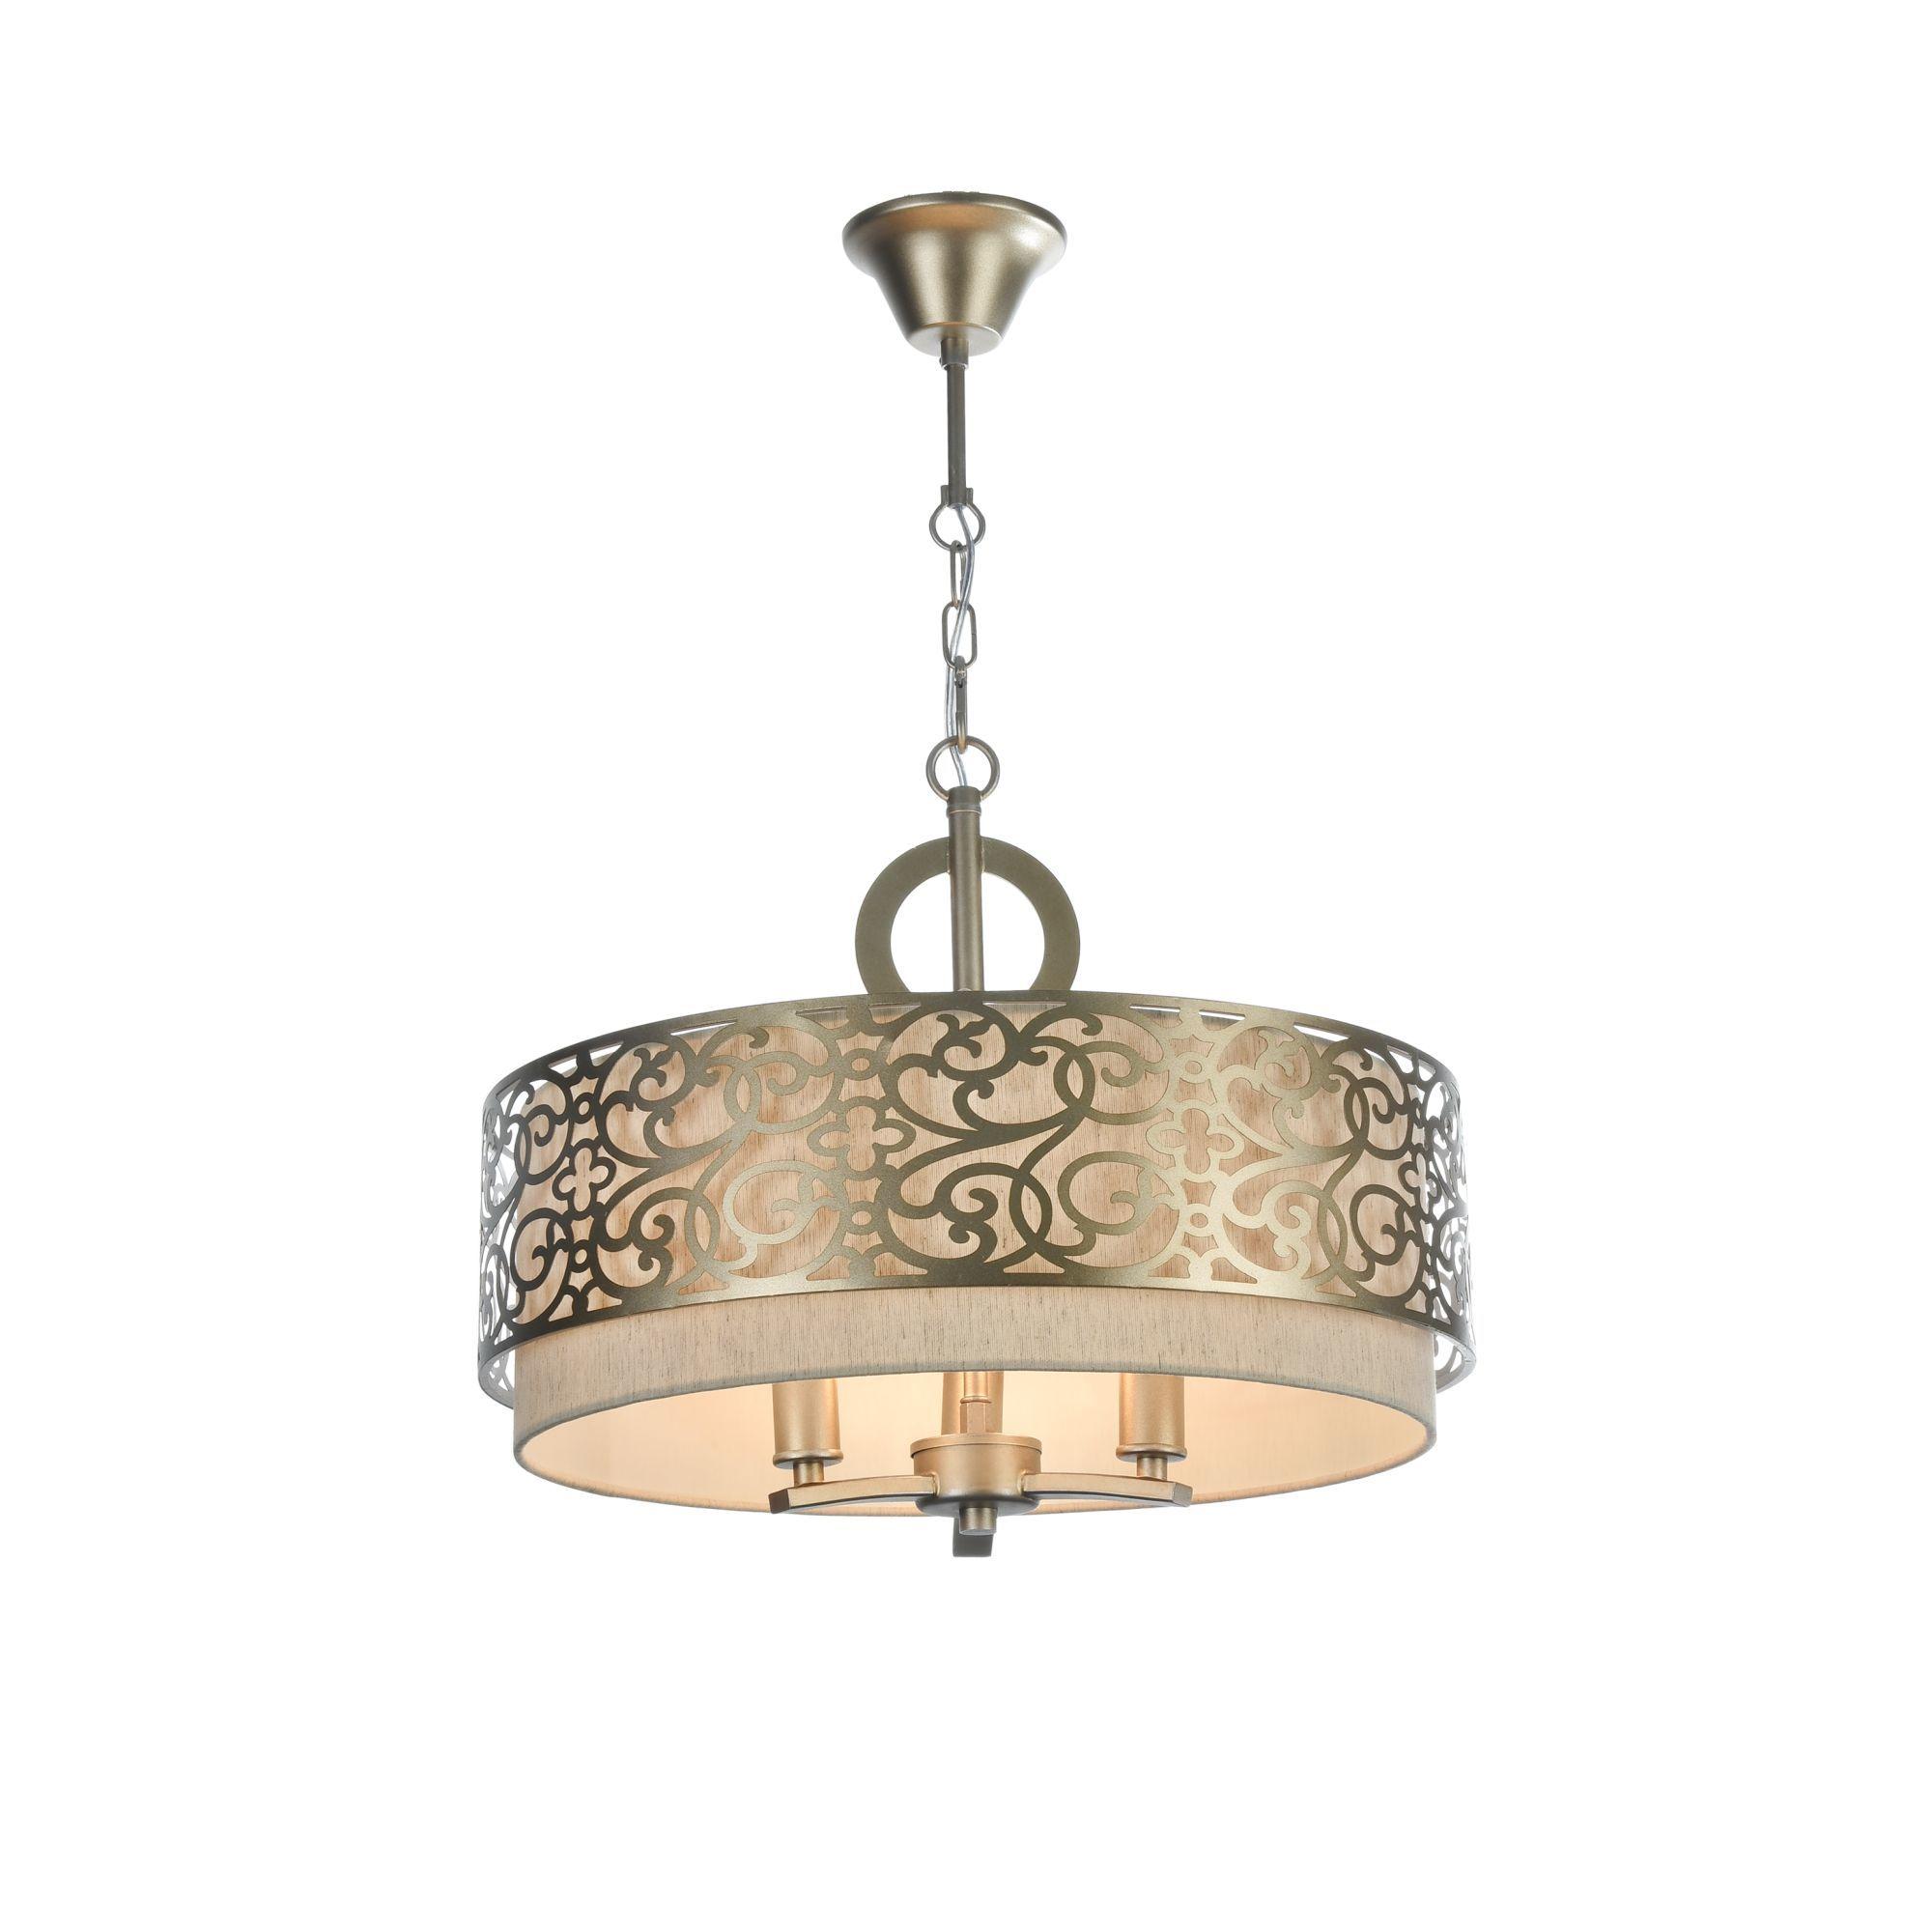 Подвесная люстра Maytoni Classic House Venera H260-03-N, 3xE14x40W, бронза, металл, металл с текстилем, текстиль с металлом - фото 2